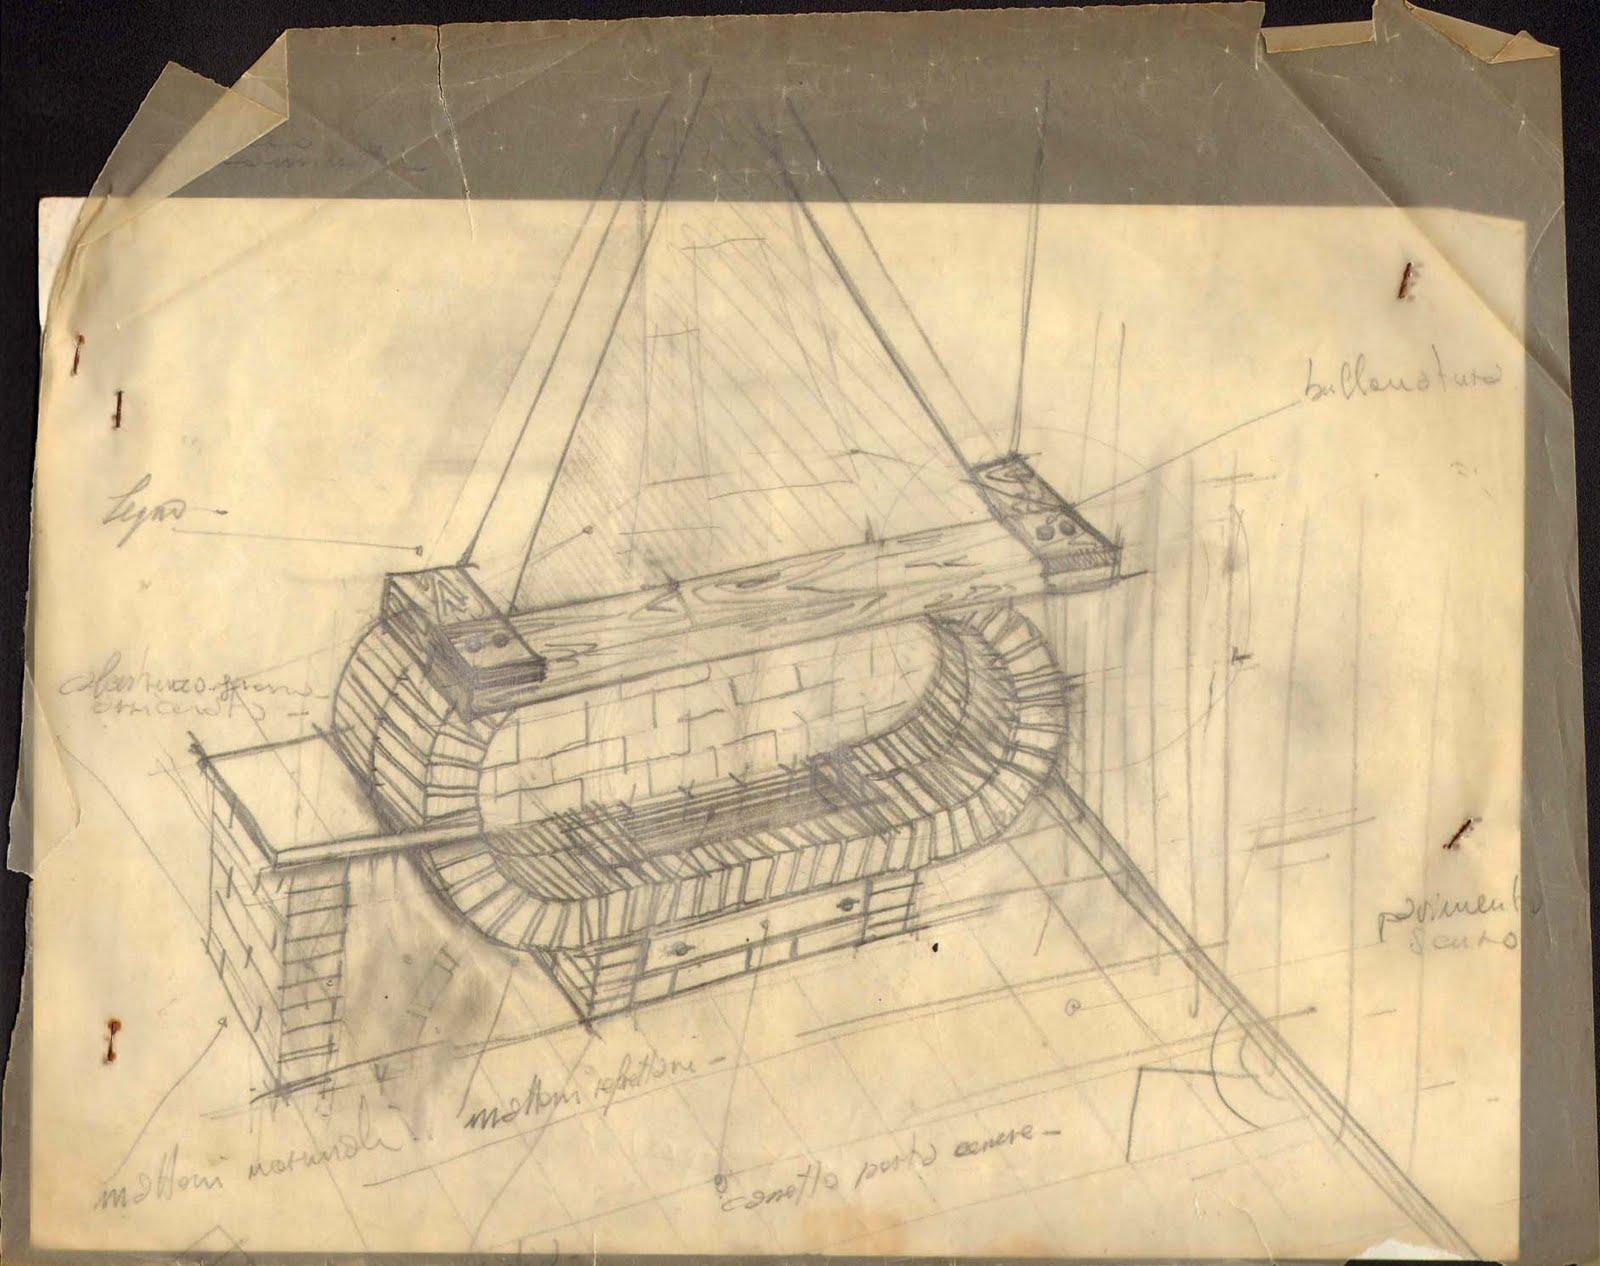 Il disegno ¨ stato realizzato quando io avevo solo dodici anni per un caminetto che poi fu realizzato e demolito successivamente per il suo cattivo